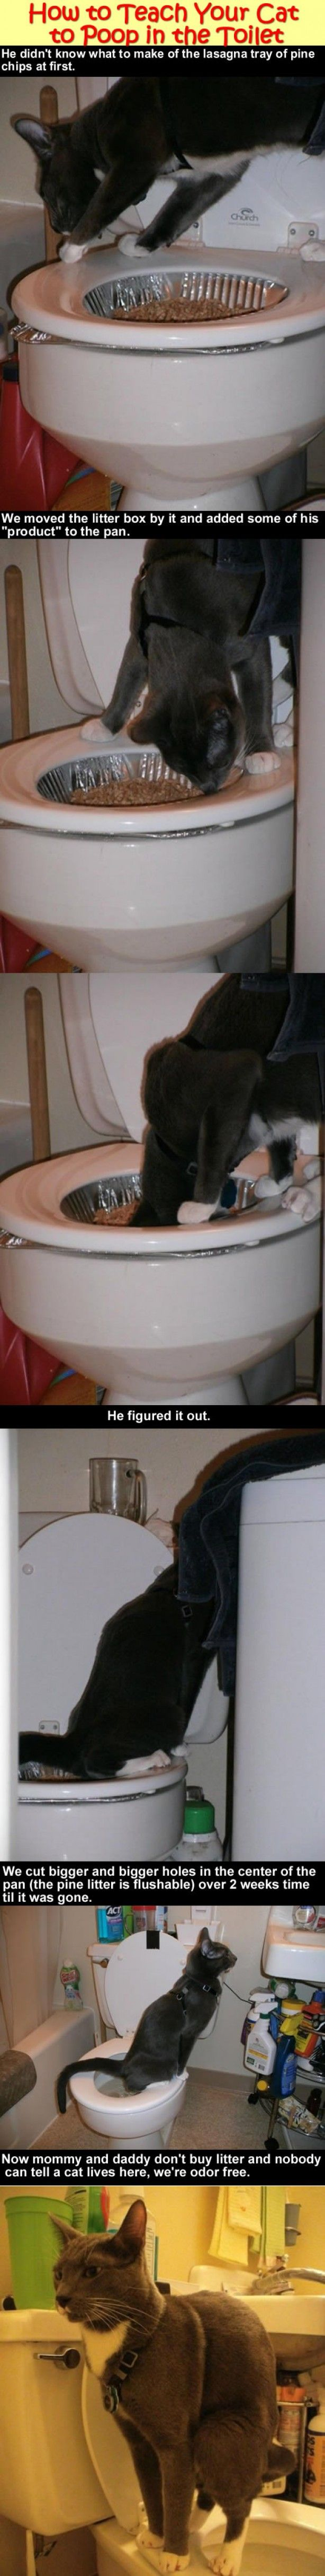 Hoe kunt u uw kat te leren poepen in het toilet.